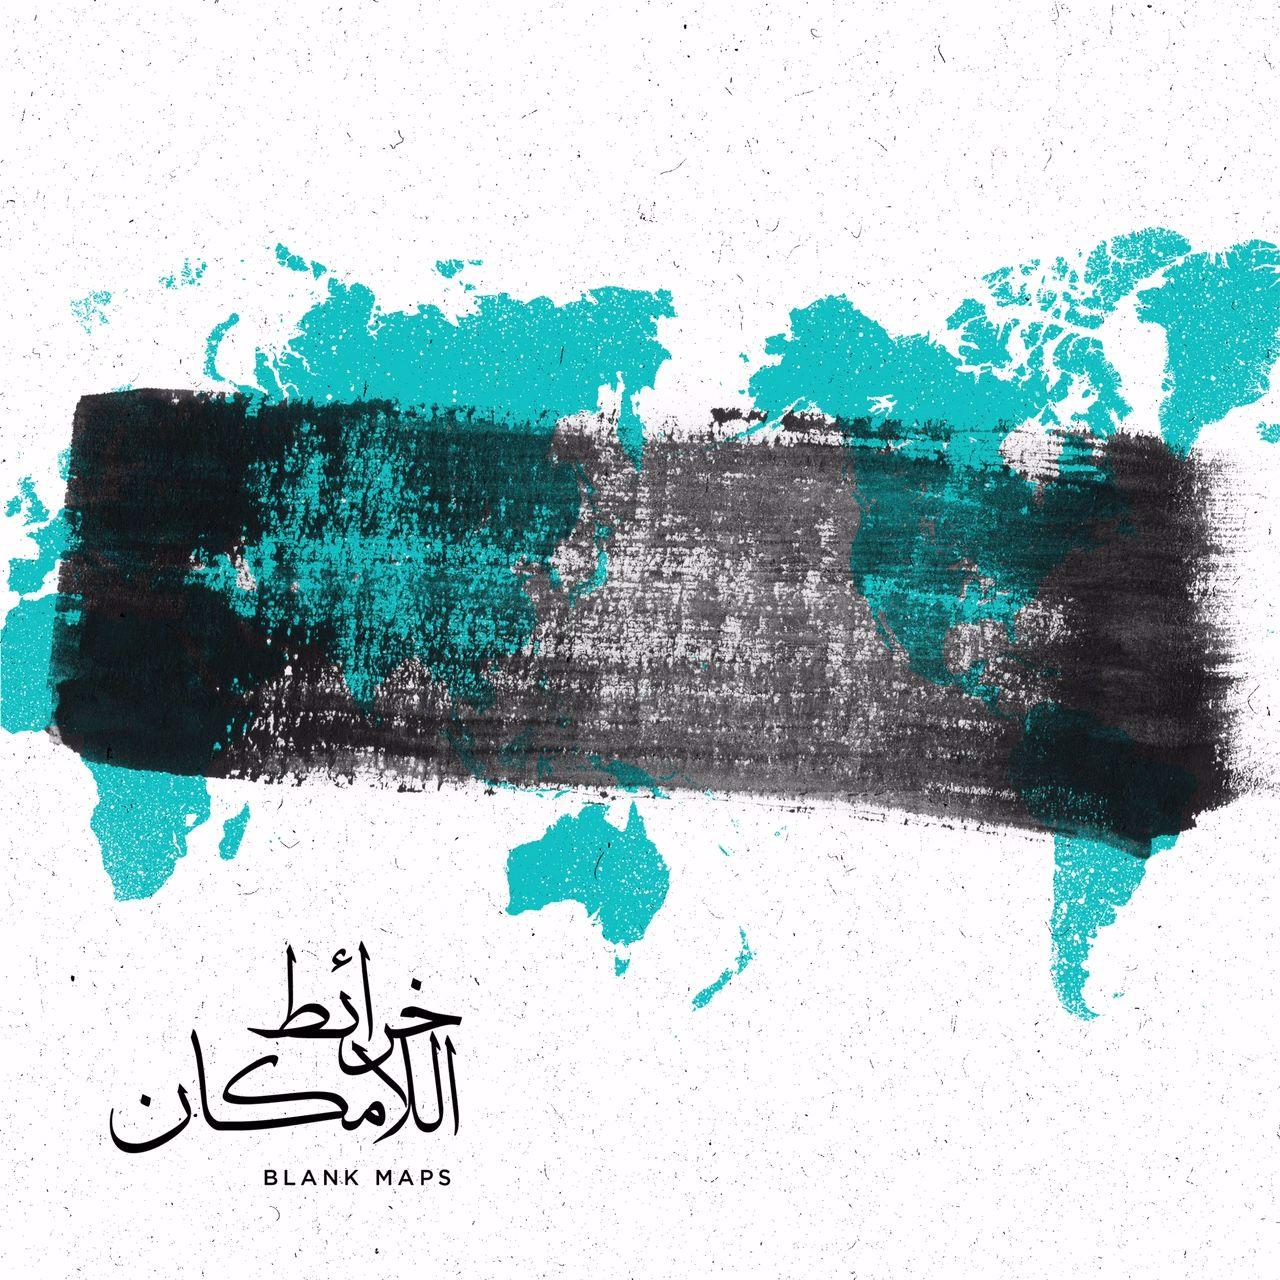 الحلقة الثانيه الجزء الأول مواطنون أُسقطوا سهواً صوت كردي من سوريا